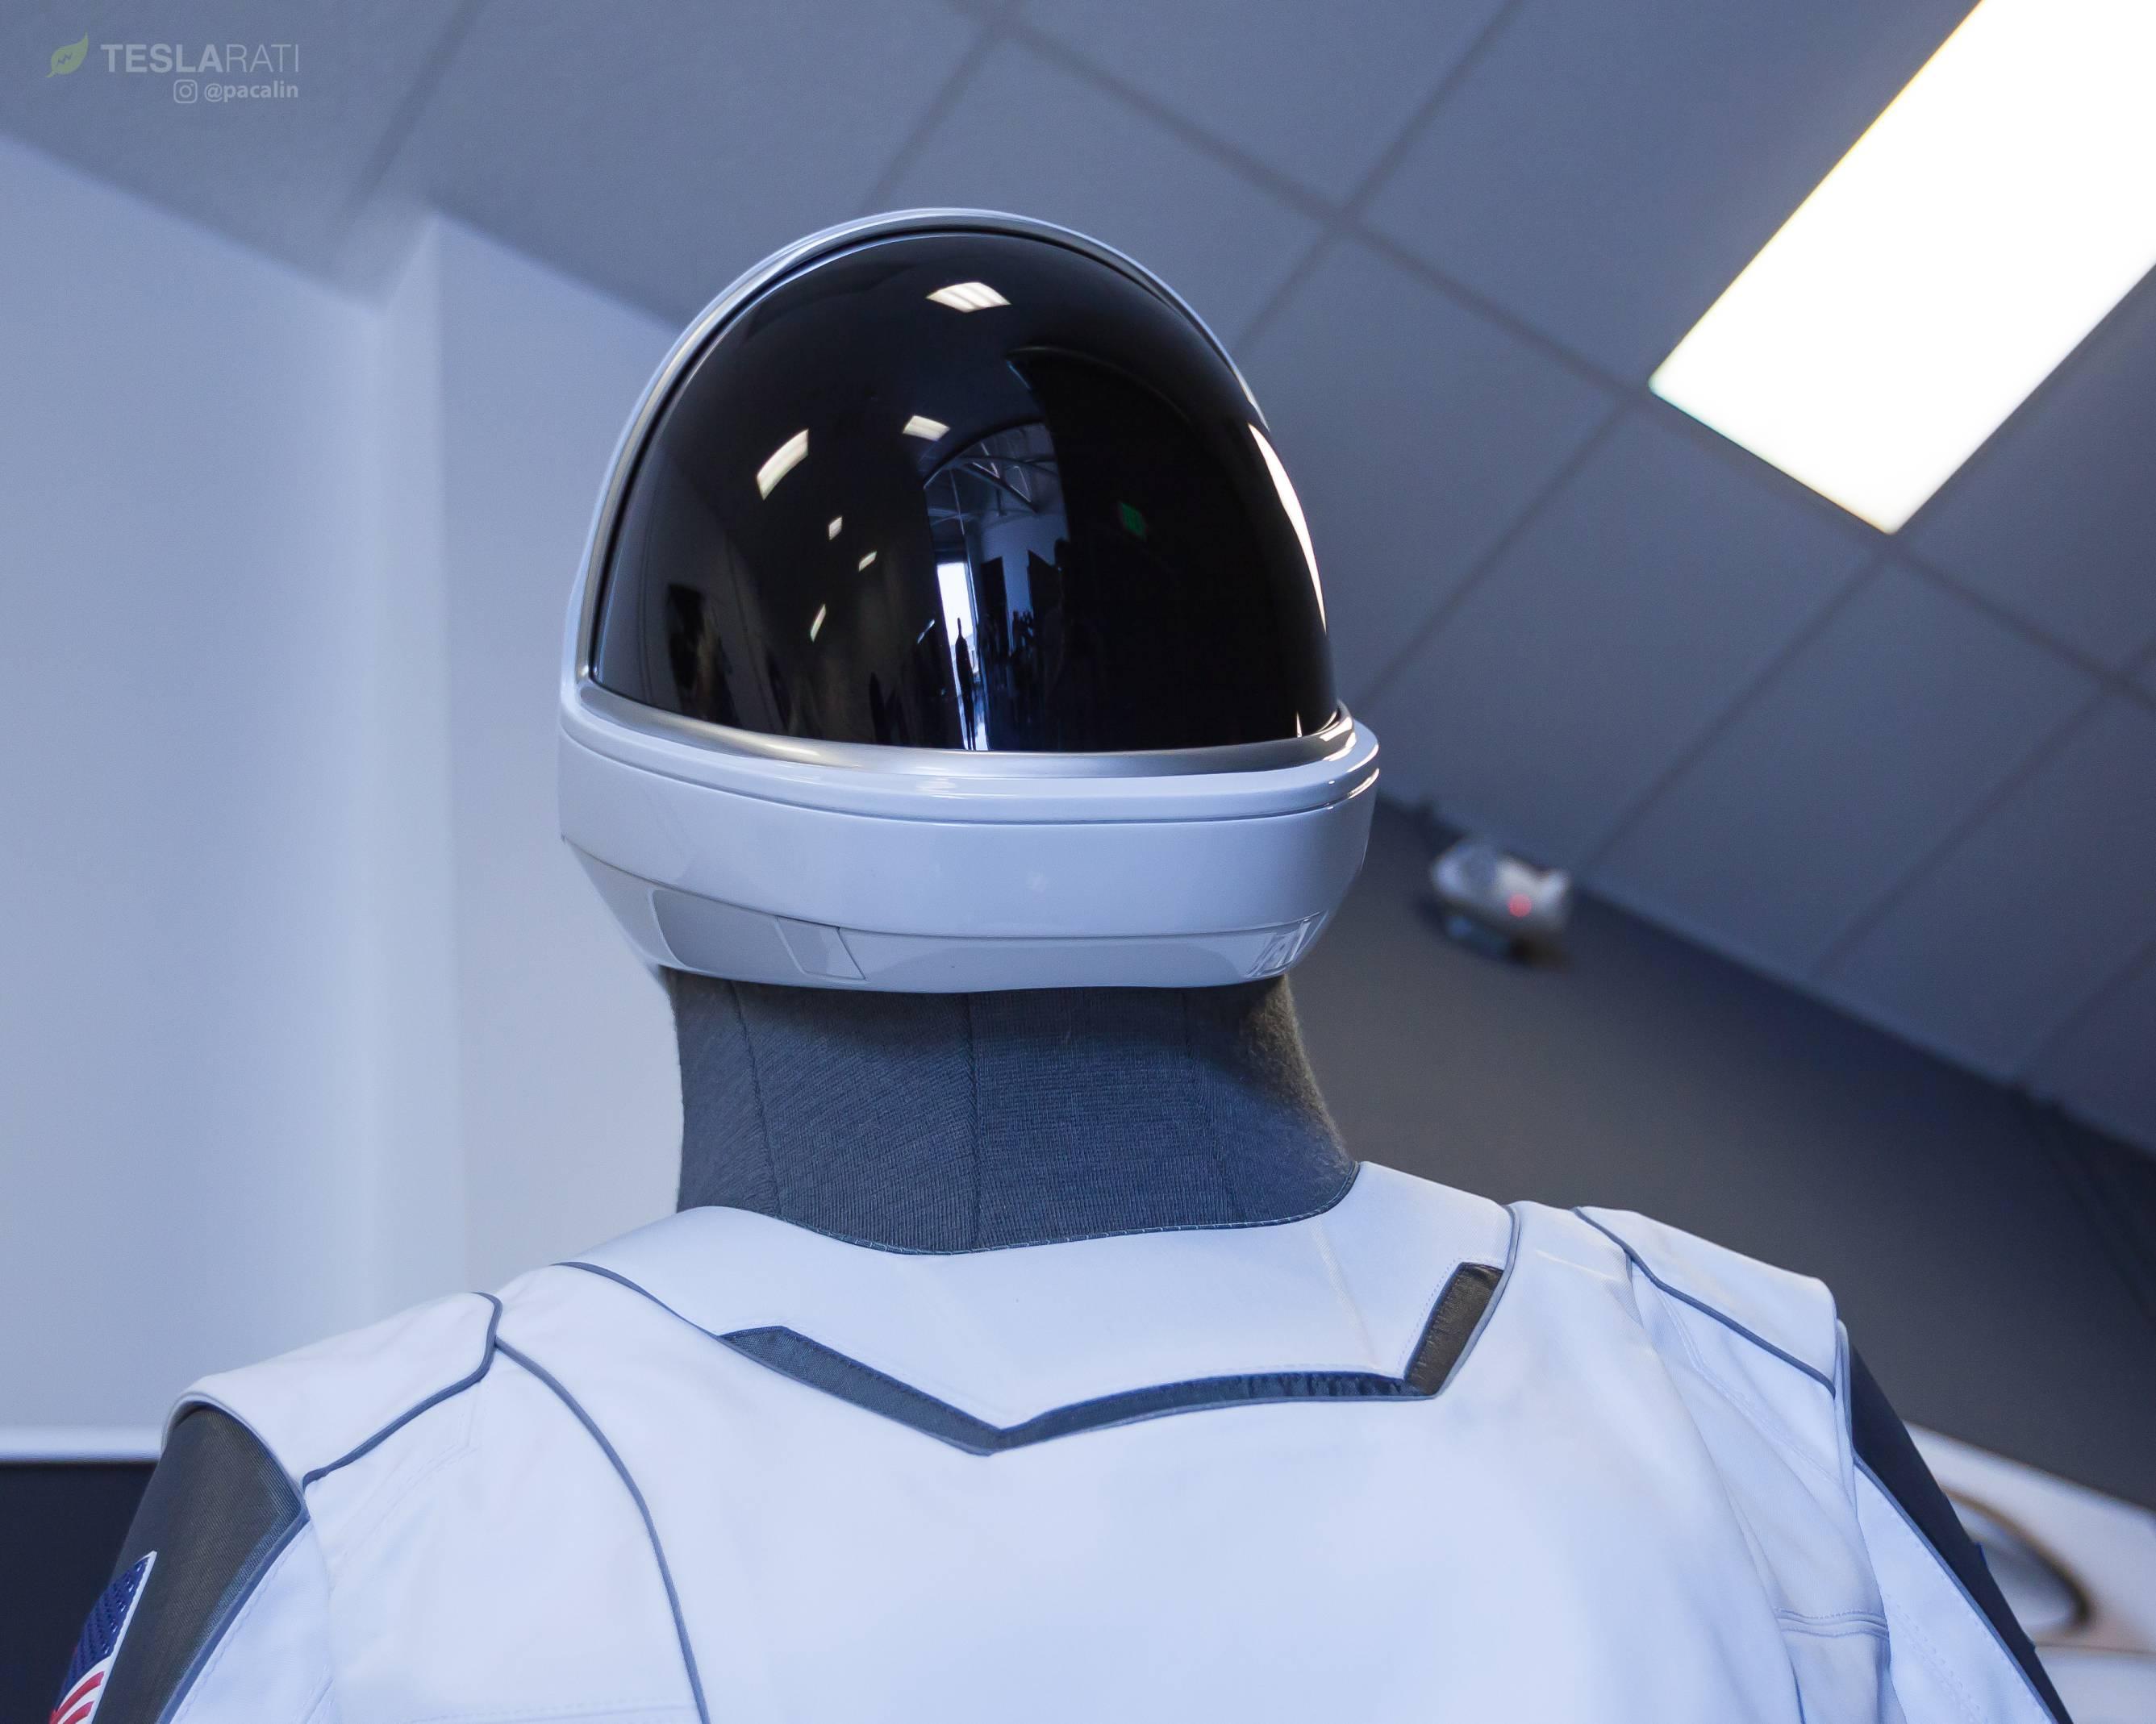 SpaceX spacesuit detail 081318 (Pauline Acalin) 7(c)